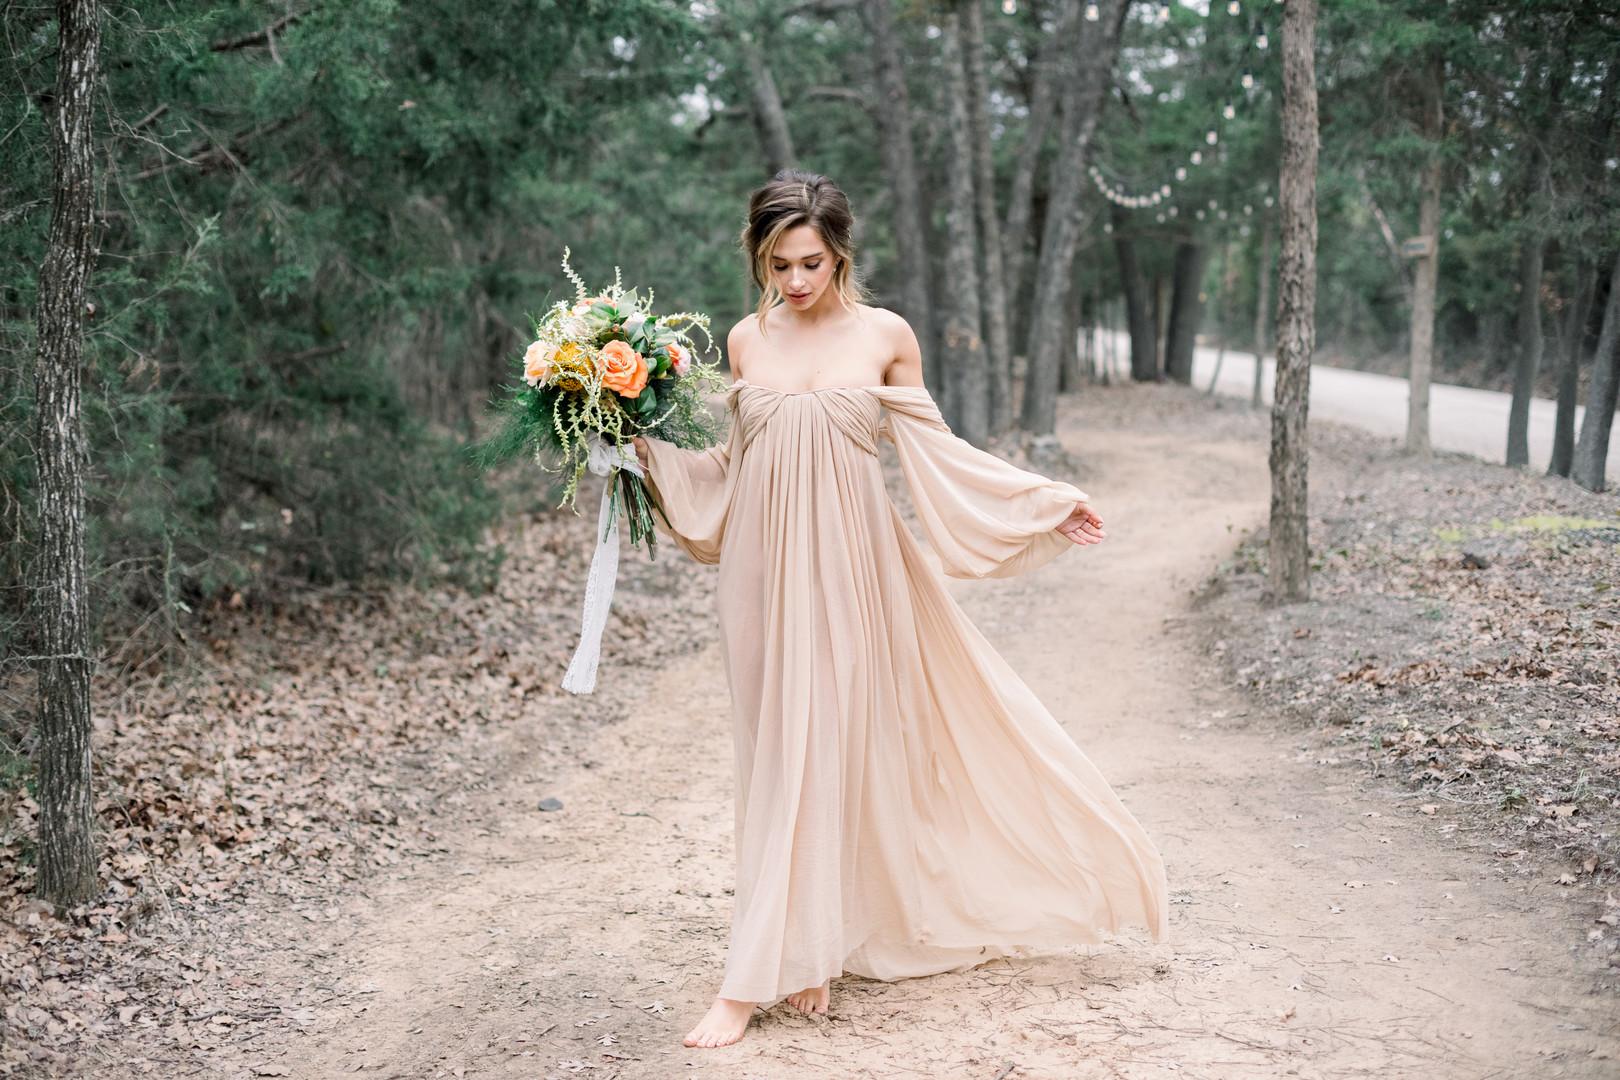 bröllop+inspiration+boho+lantligt